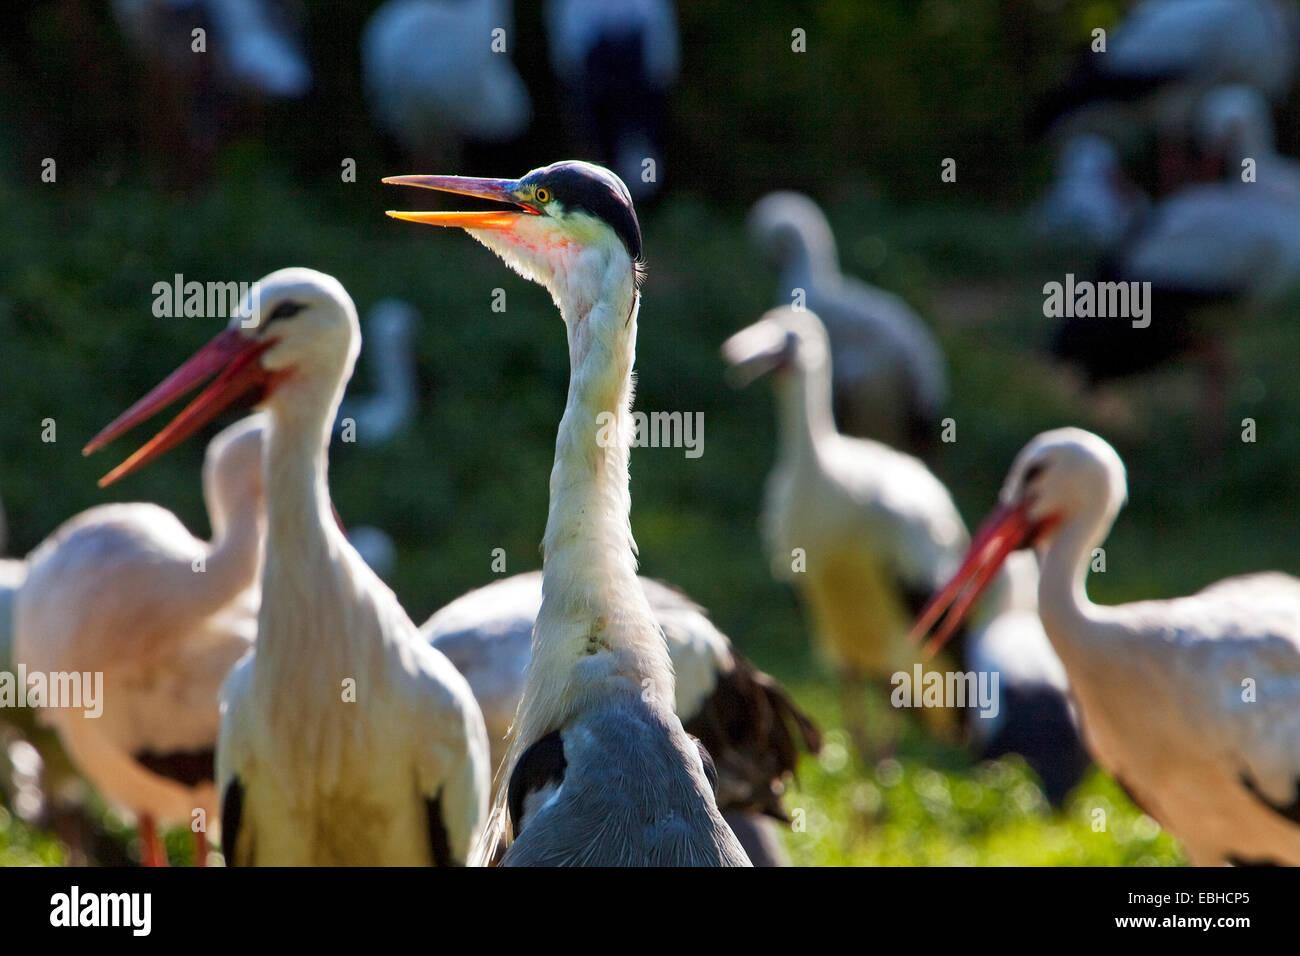 Weißstorch (Ciconia Ciconia), mehrere Storka und einem Kran, Deutschland, Nordrhein-Westfalen Stockbild